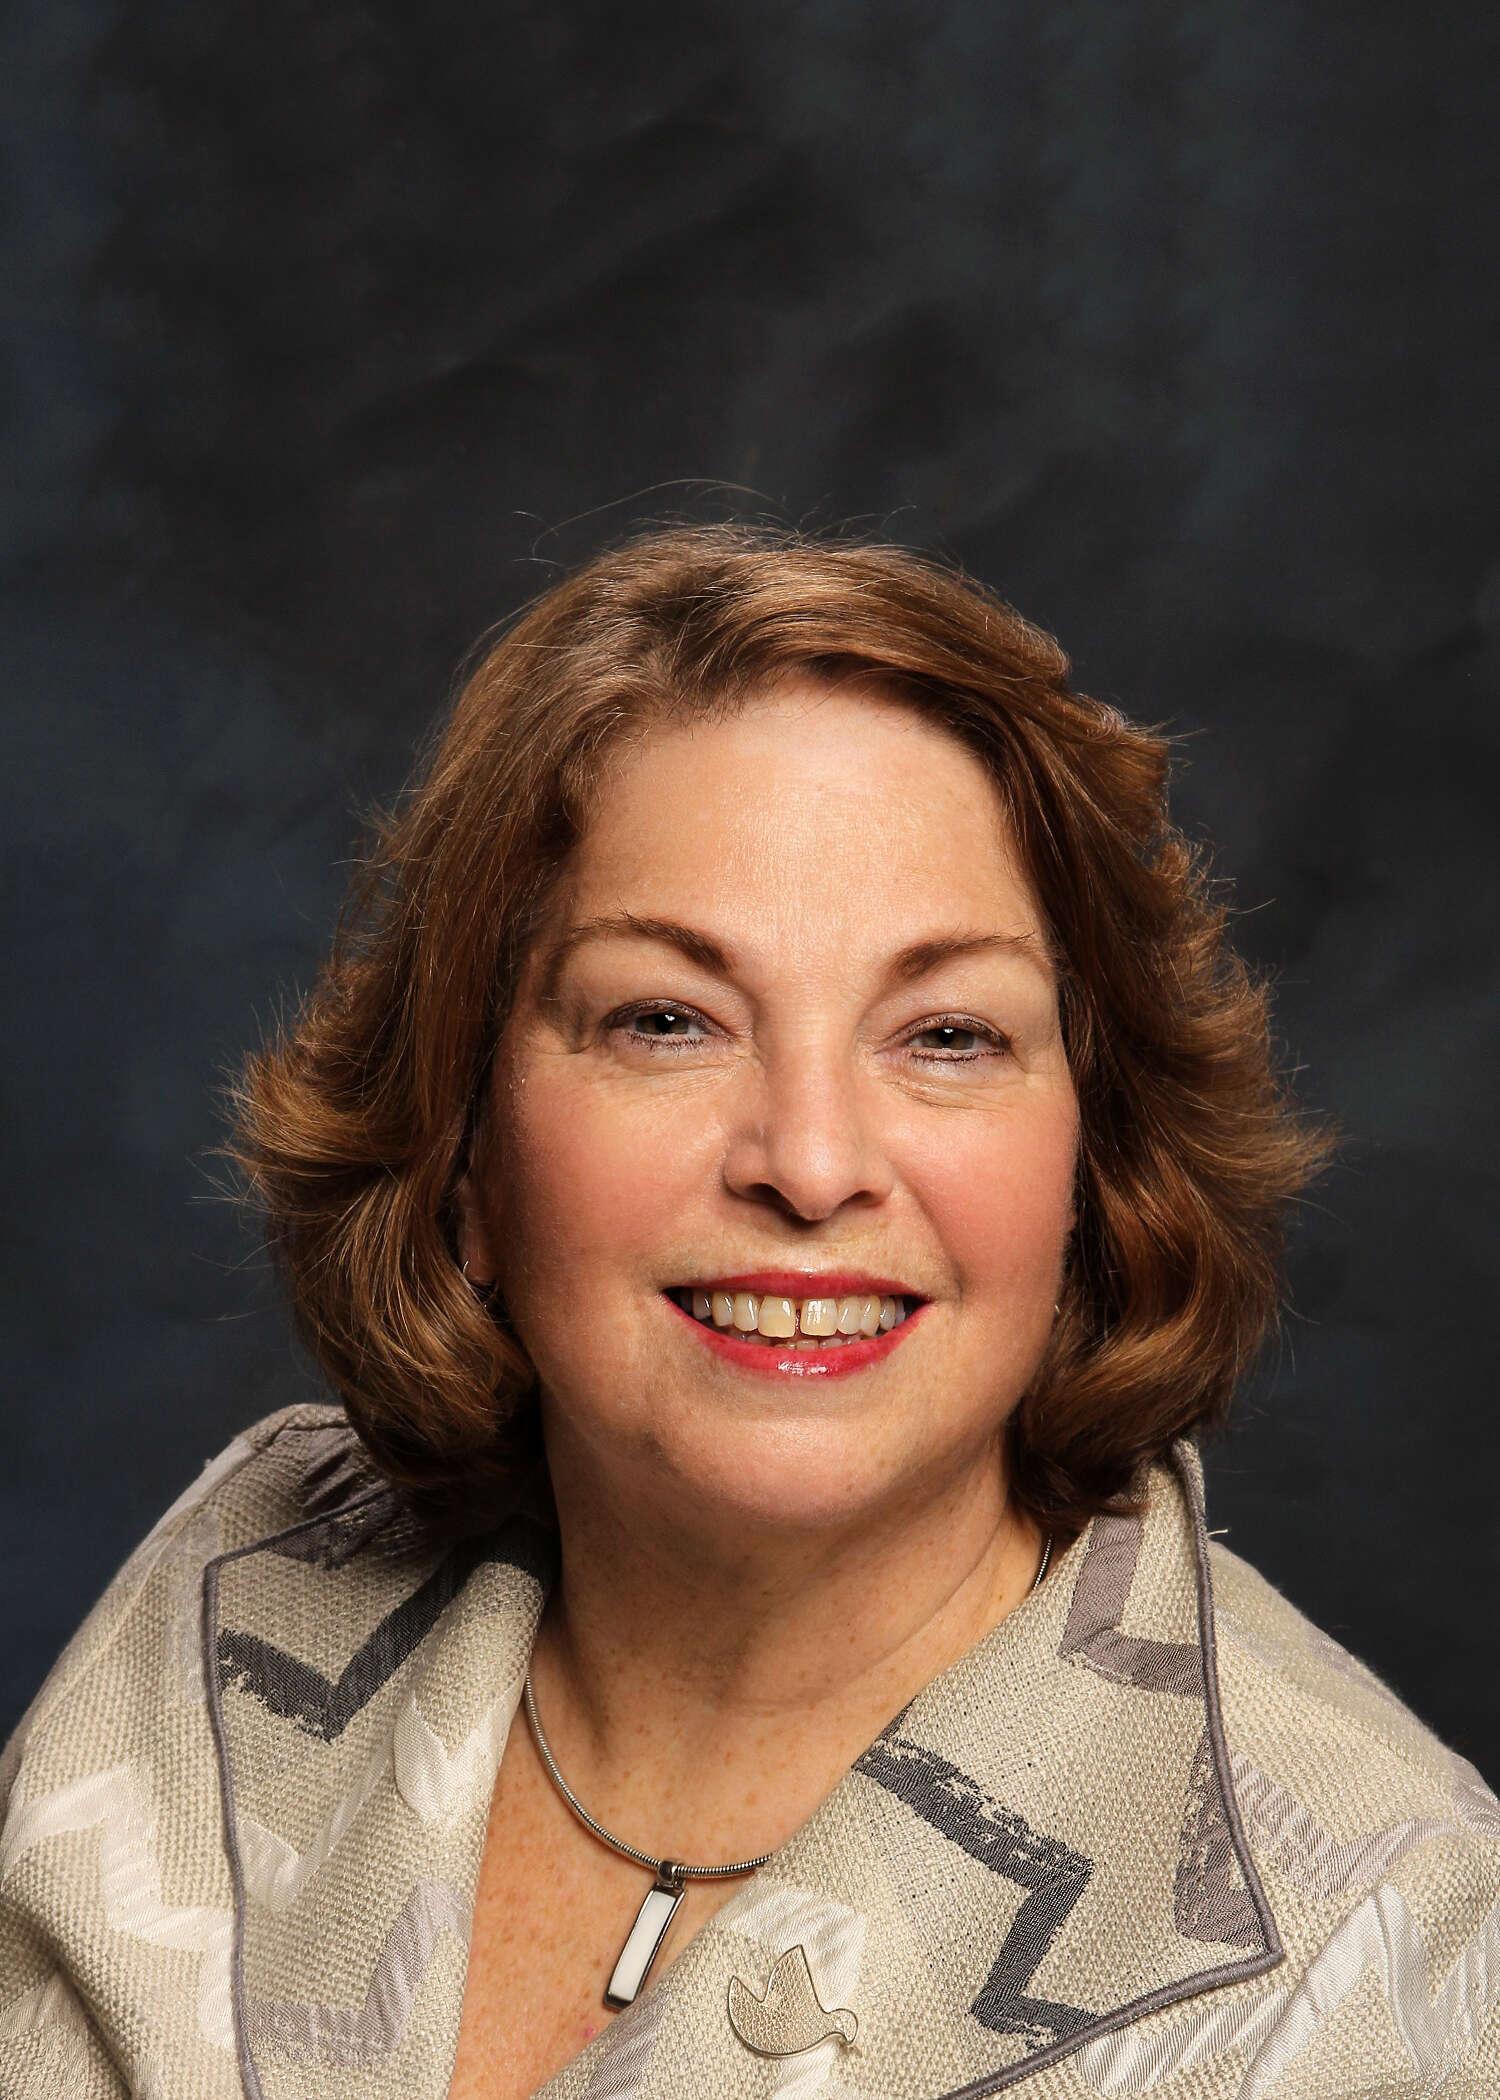 Kathy Burns Lamphier